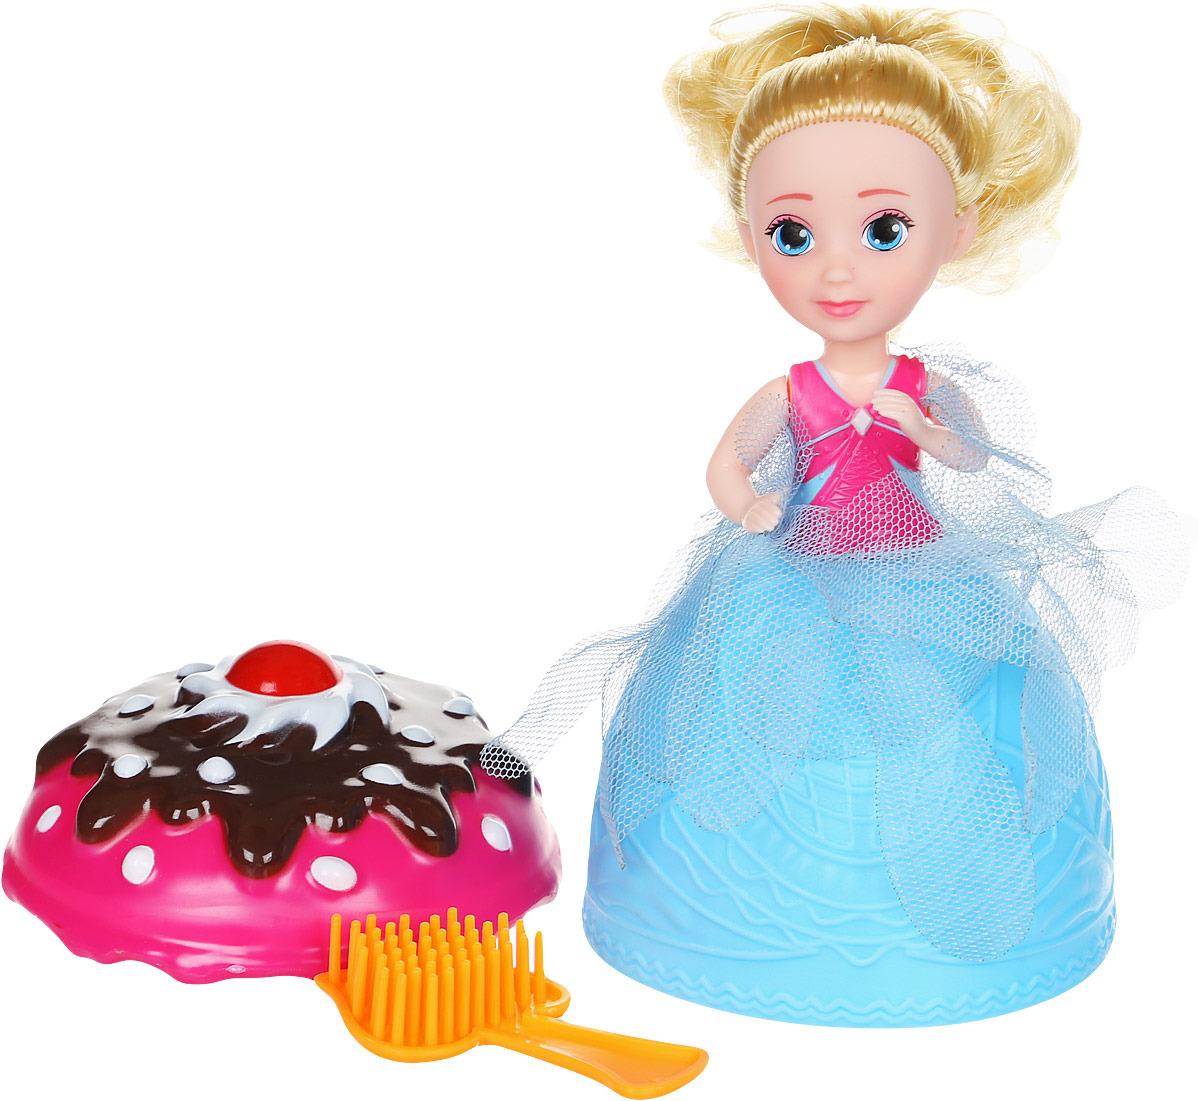 Мини-кукла Мороженка Emco Gelato Surprise, цвет: бордовый недорго, оригинальная цена